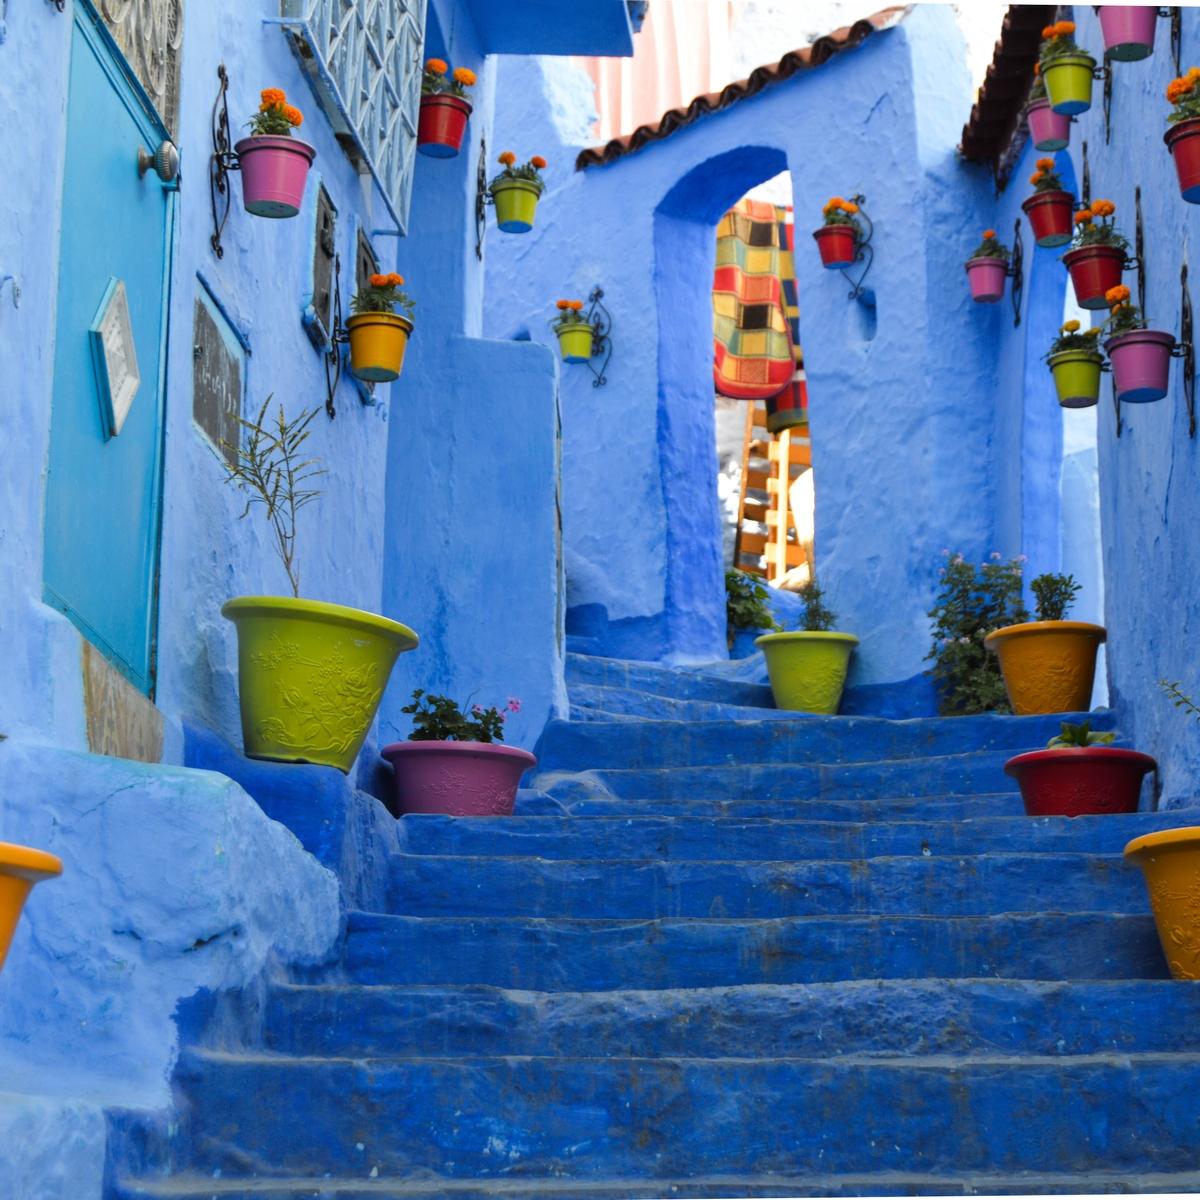 Die schönsten Reiseziele Afrikas: Chefchaouen, Marokko